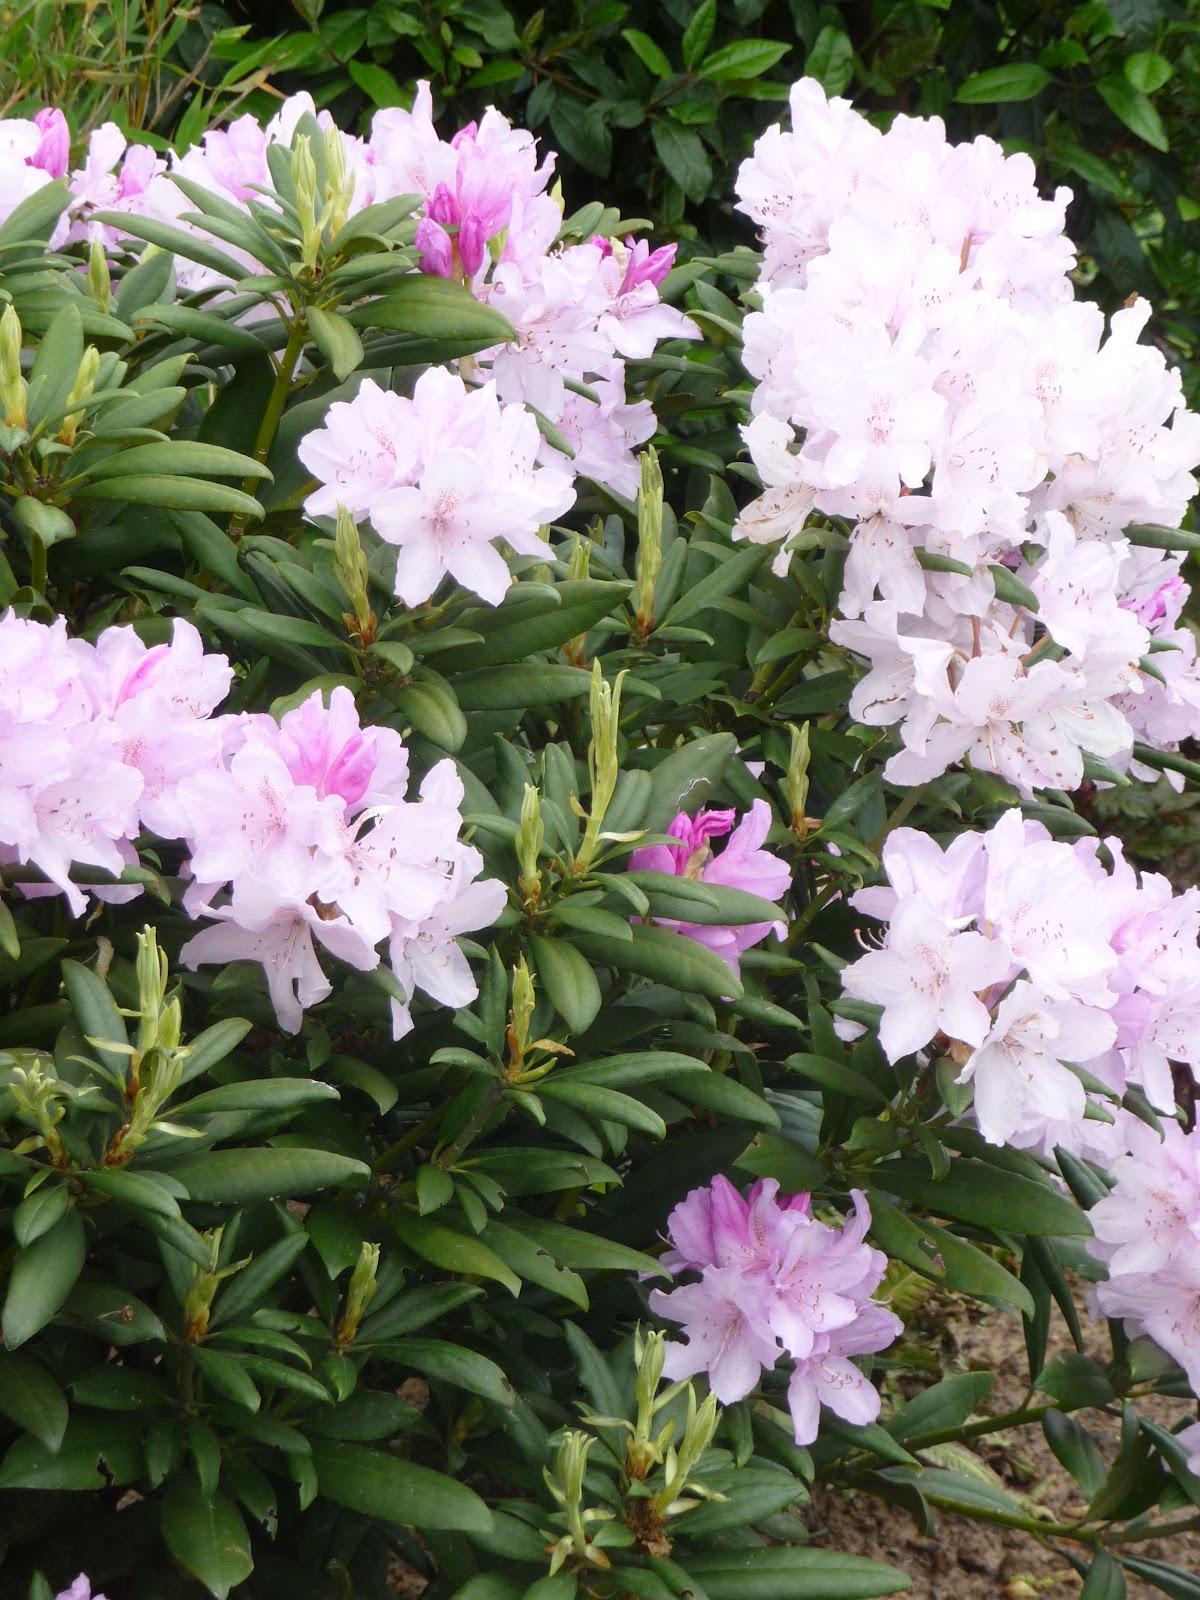 Ma terre de bruy re le jardin quinze jours plus tard - Rhododendron ne fleurit pas ...